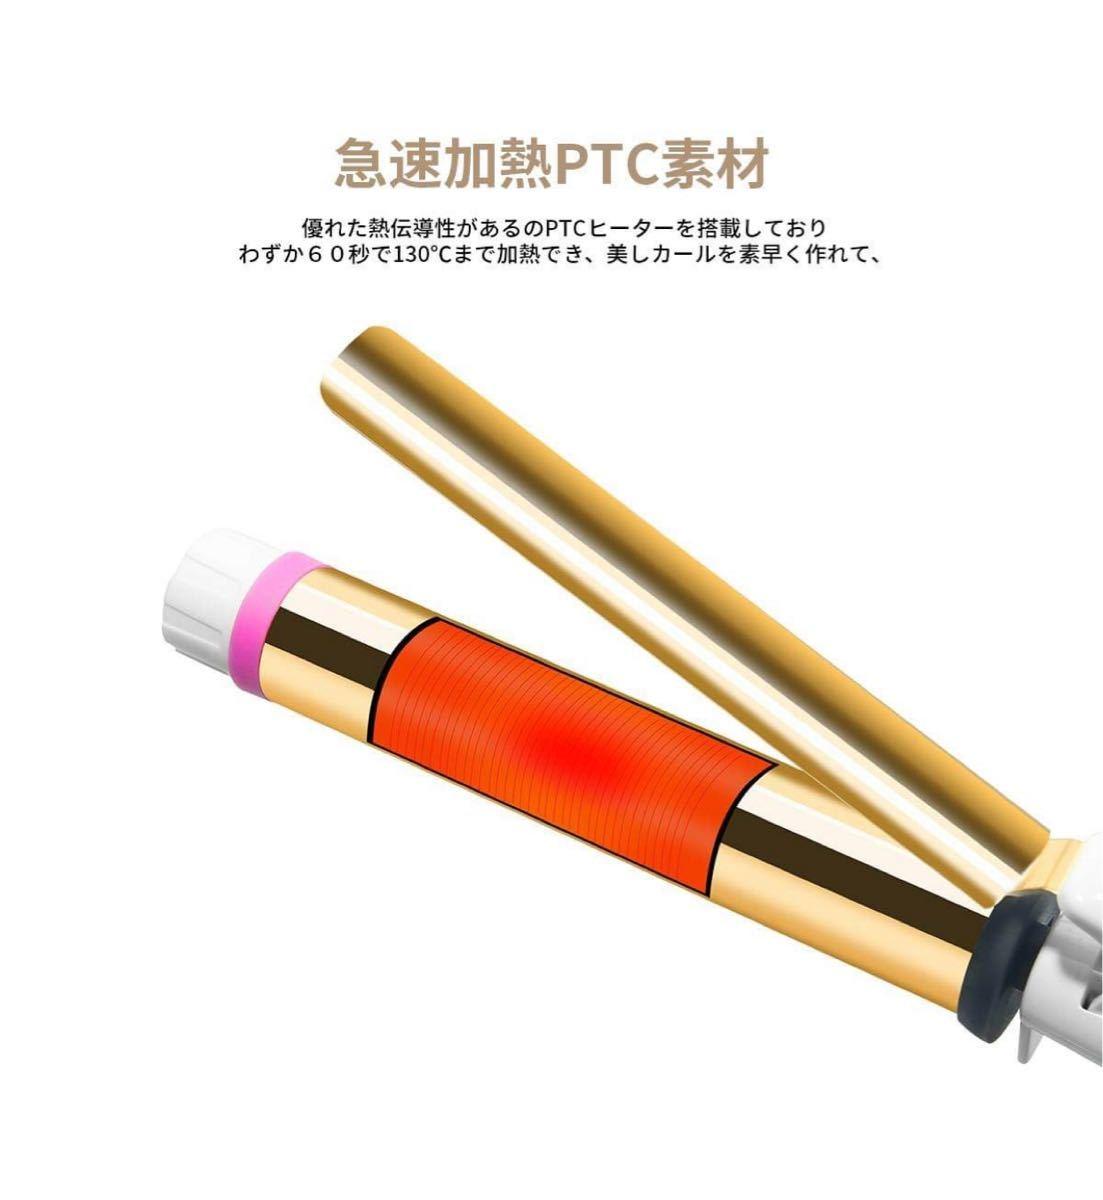 【新品】カールアイロン ヘアアイロンコテ 25mm